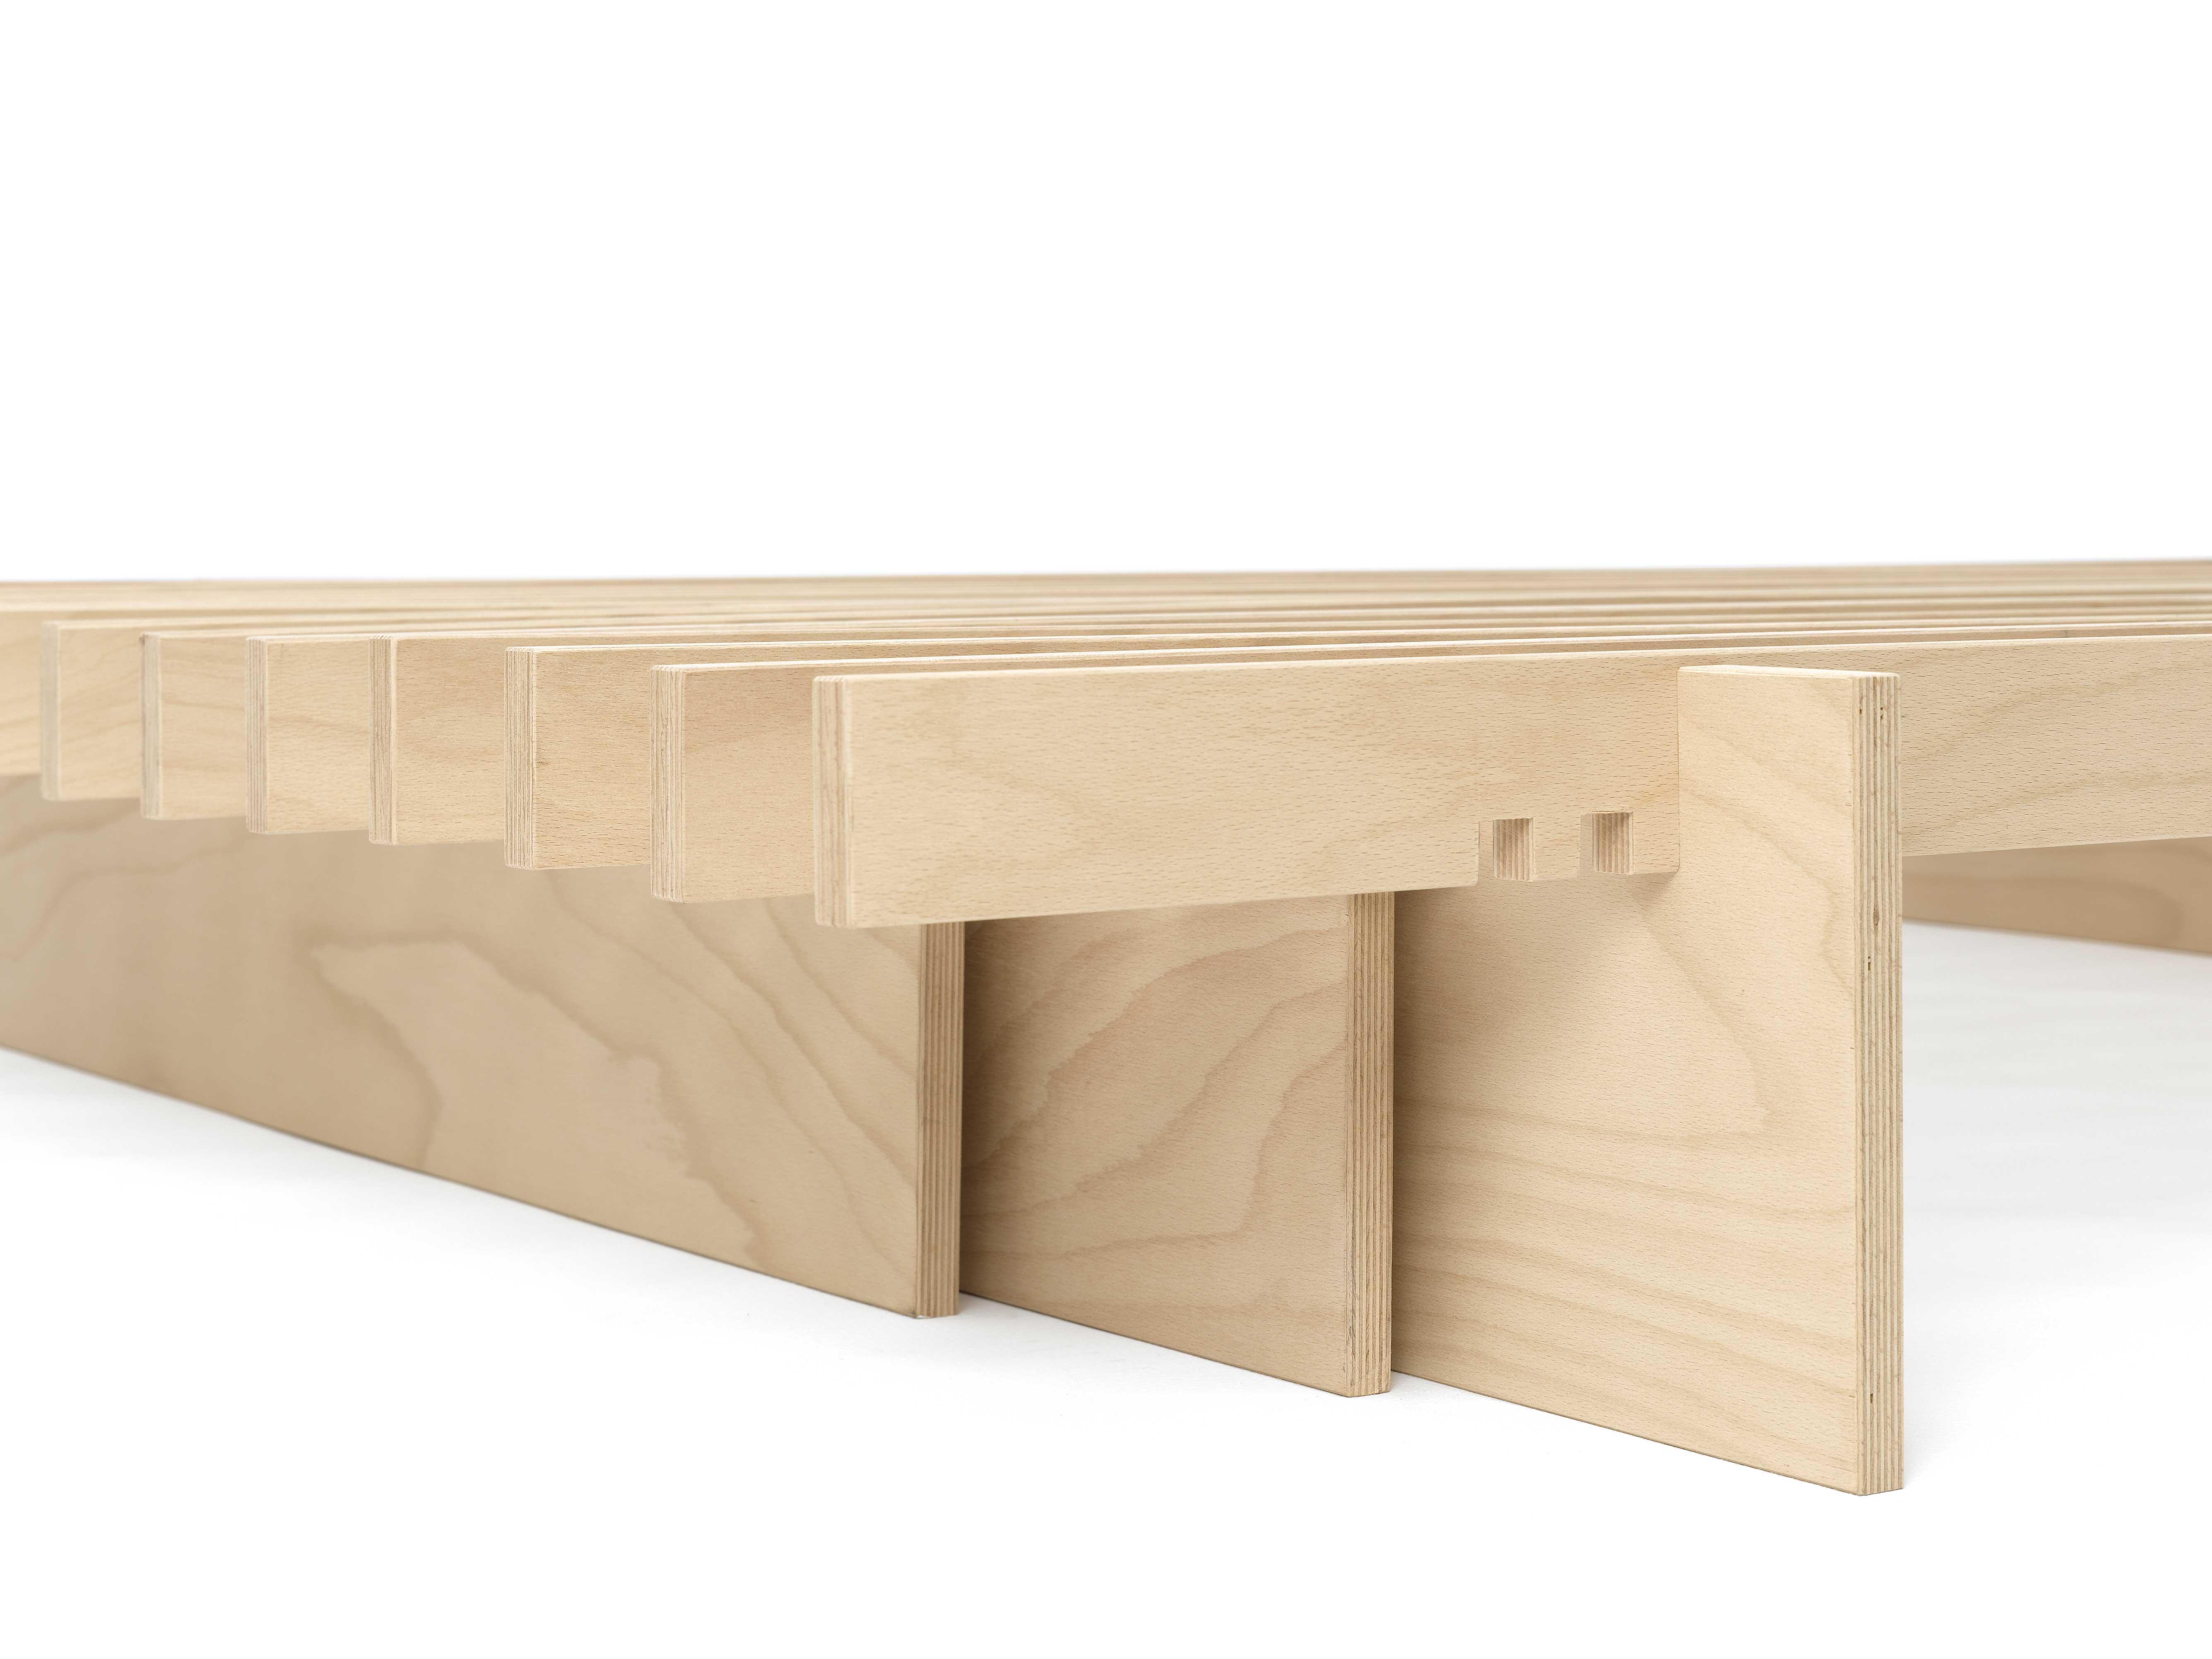 letto Dogo design ecologico doghe legno giapponese naturale (4 ...